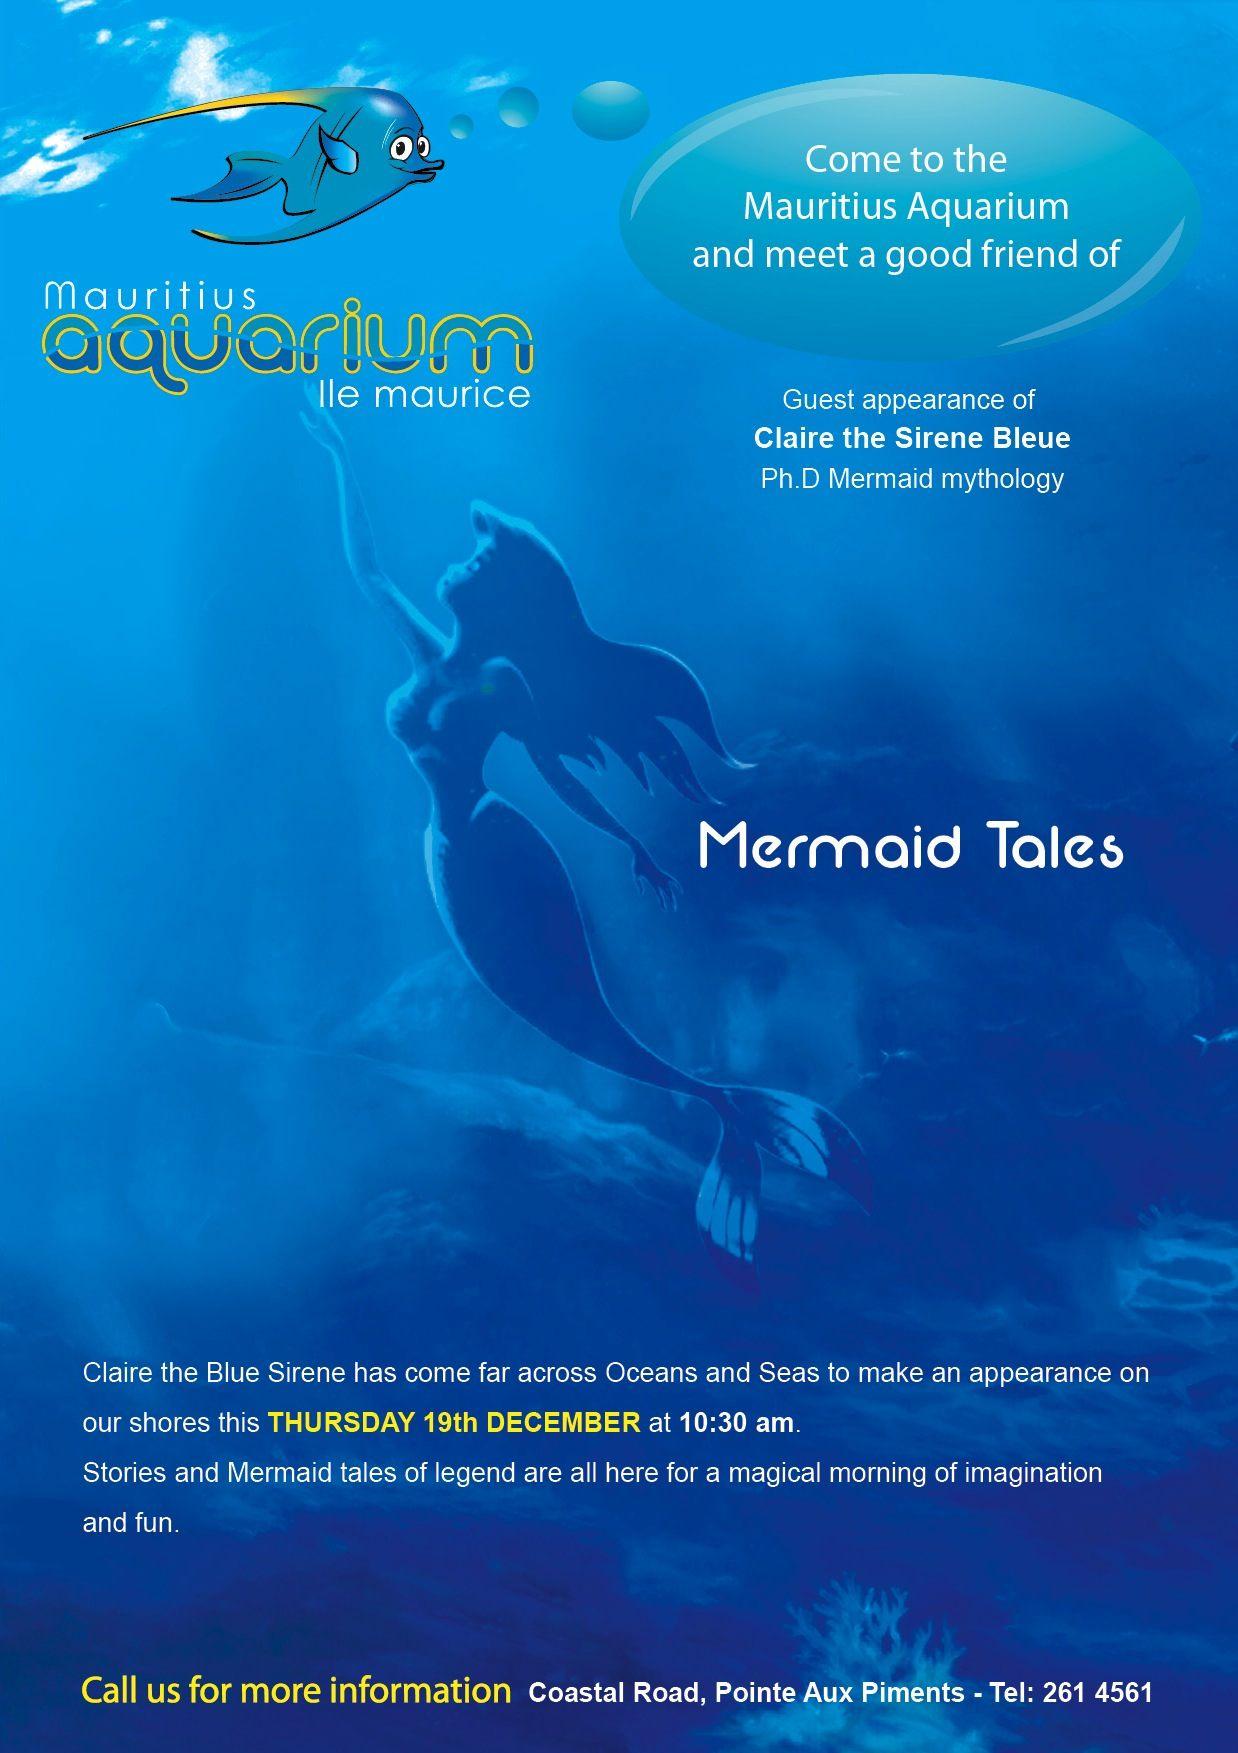 Affiche Mauritius Aquarium